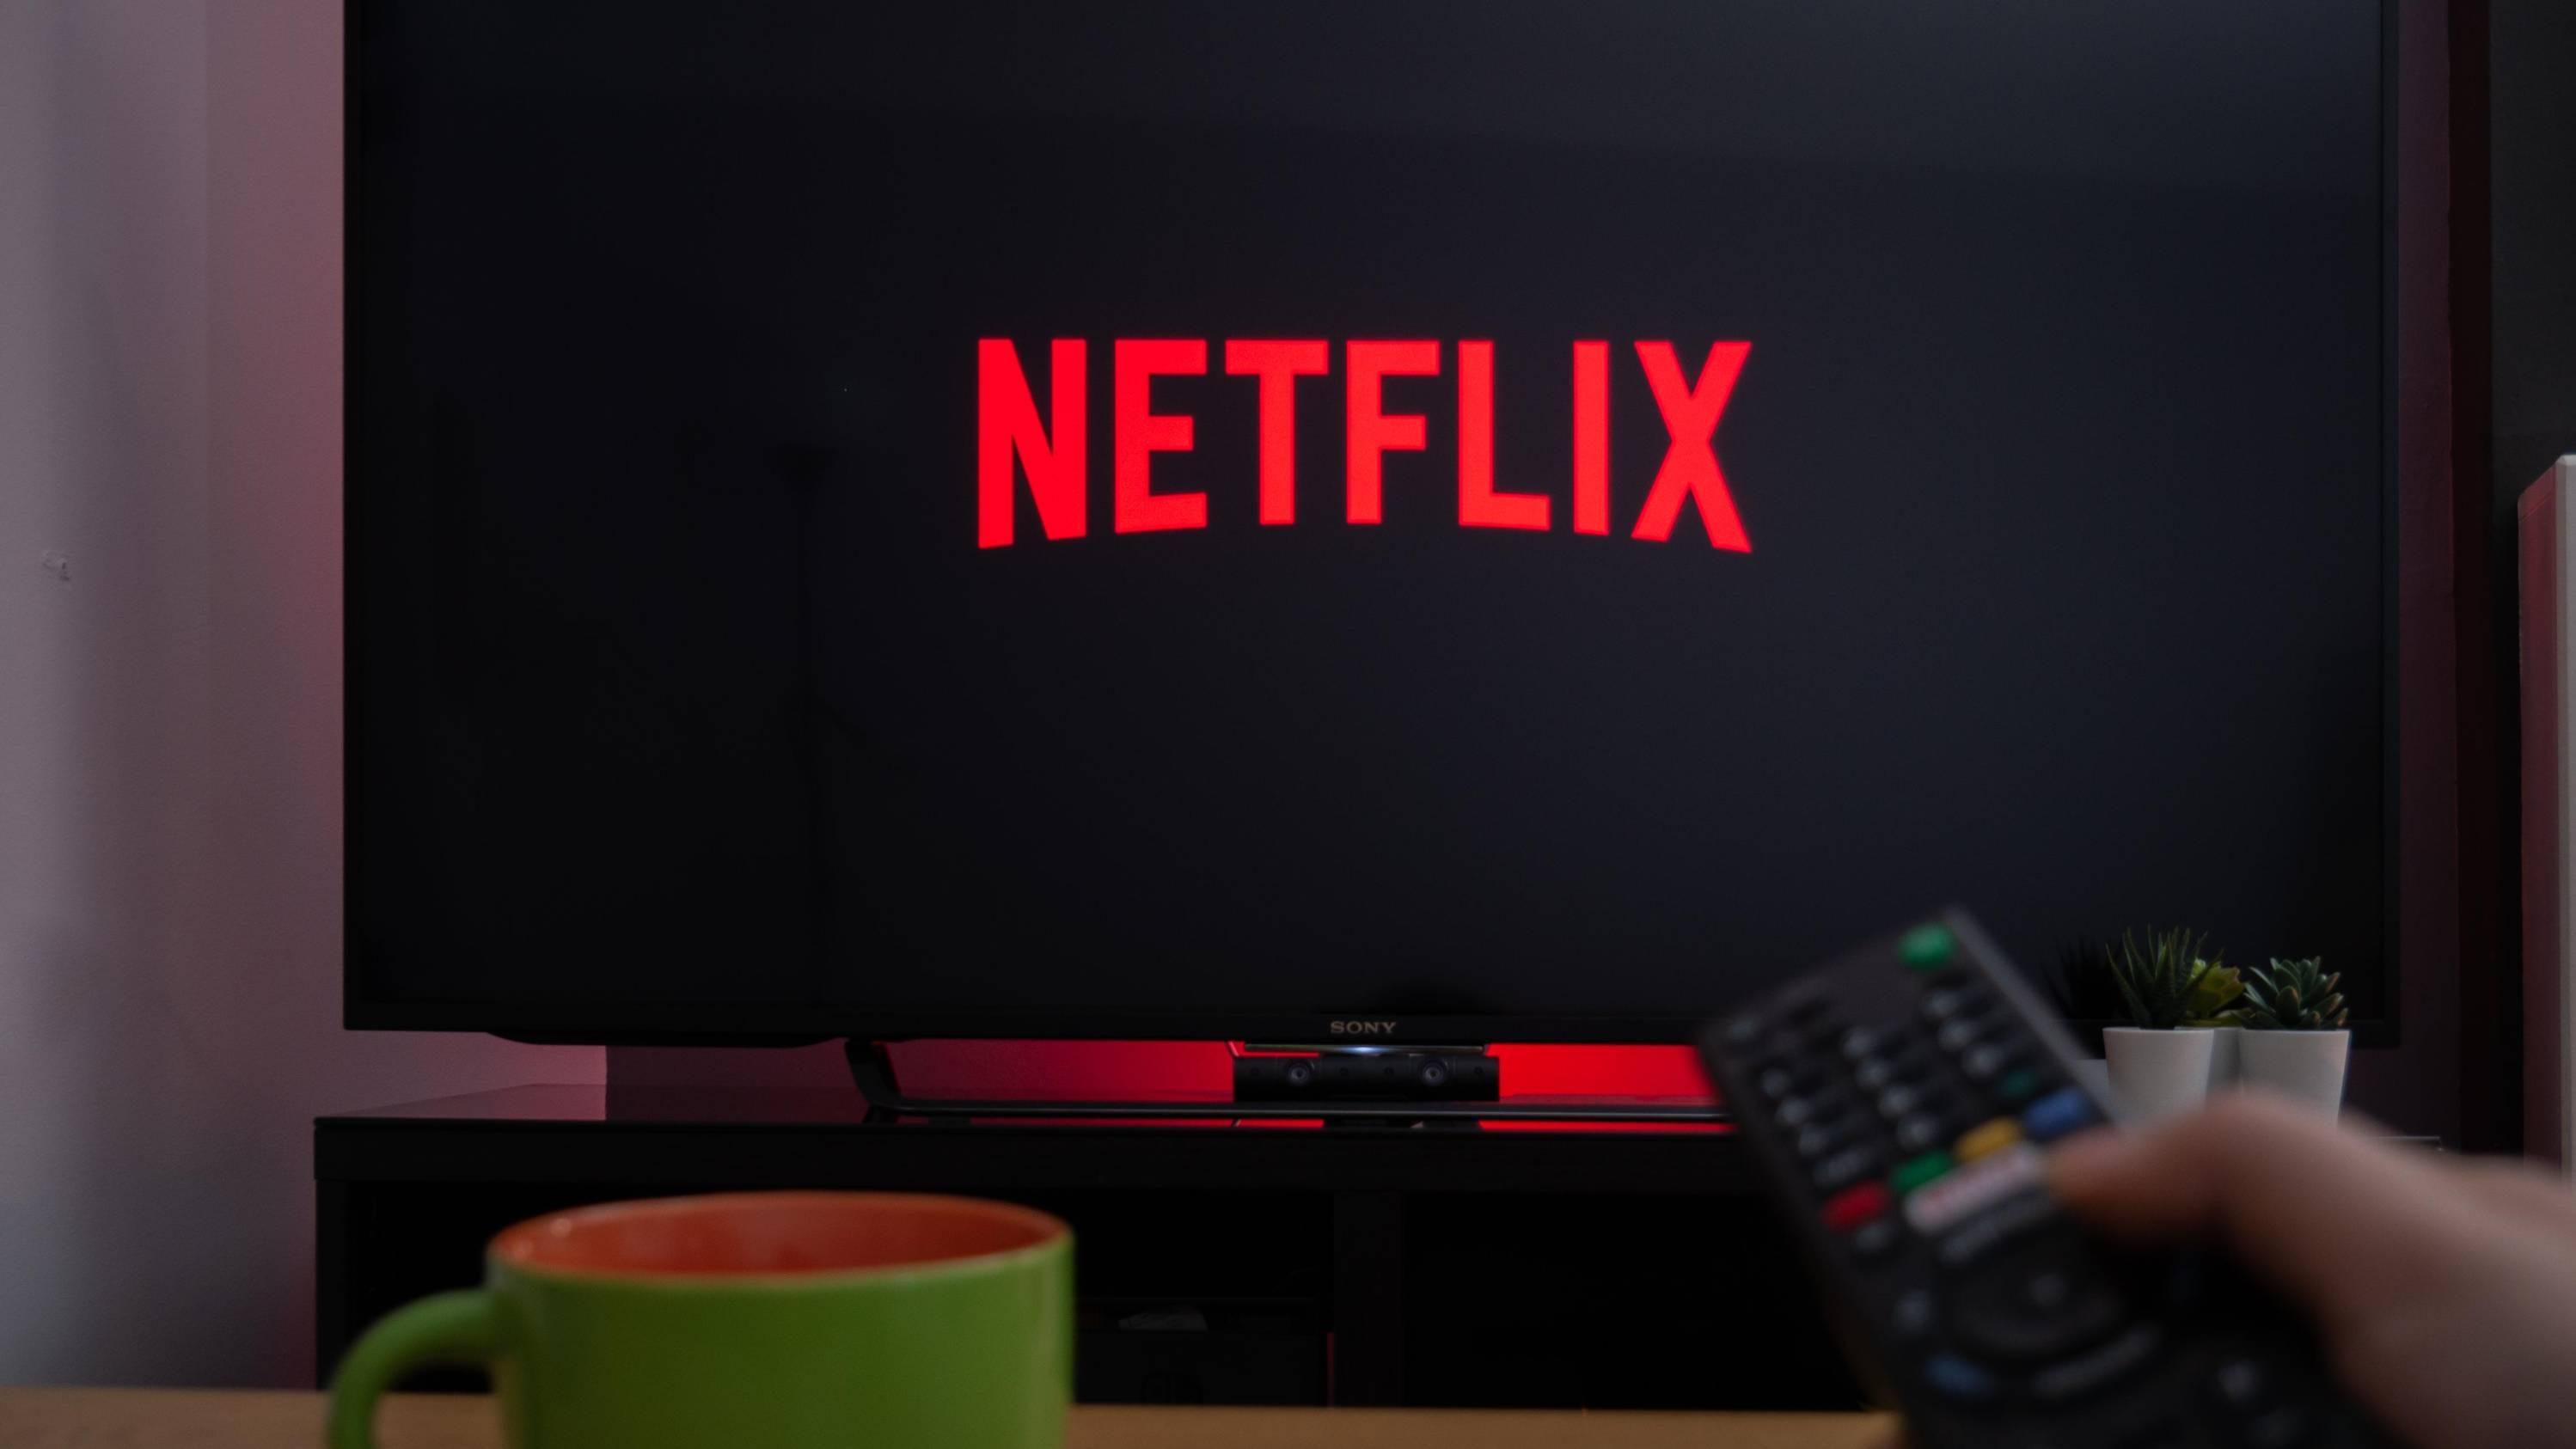 Netflix официально появился в России. Как работает онлайн-кинотеатр